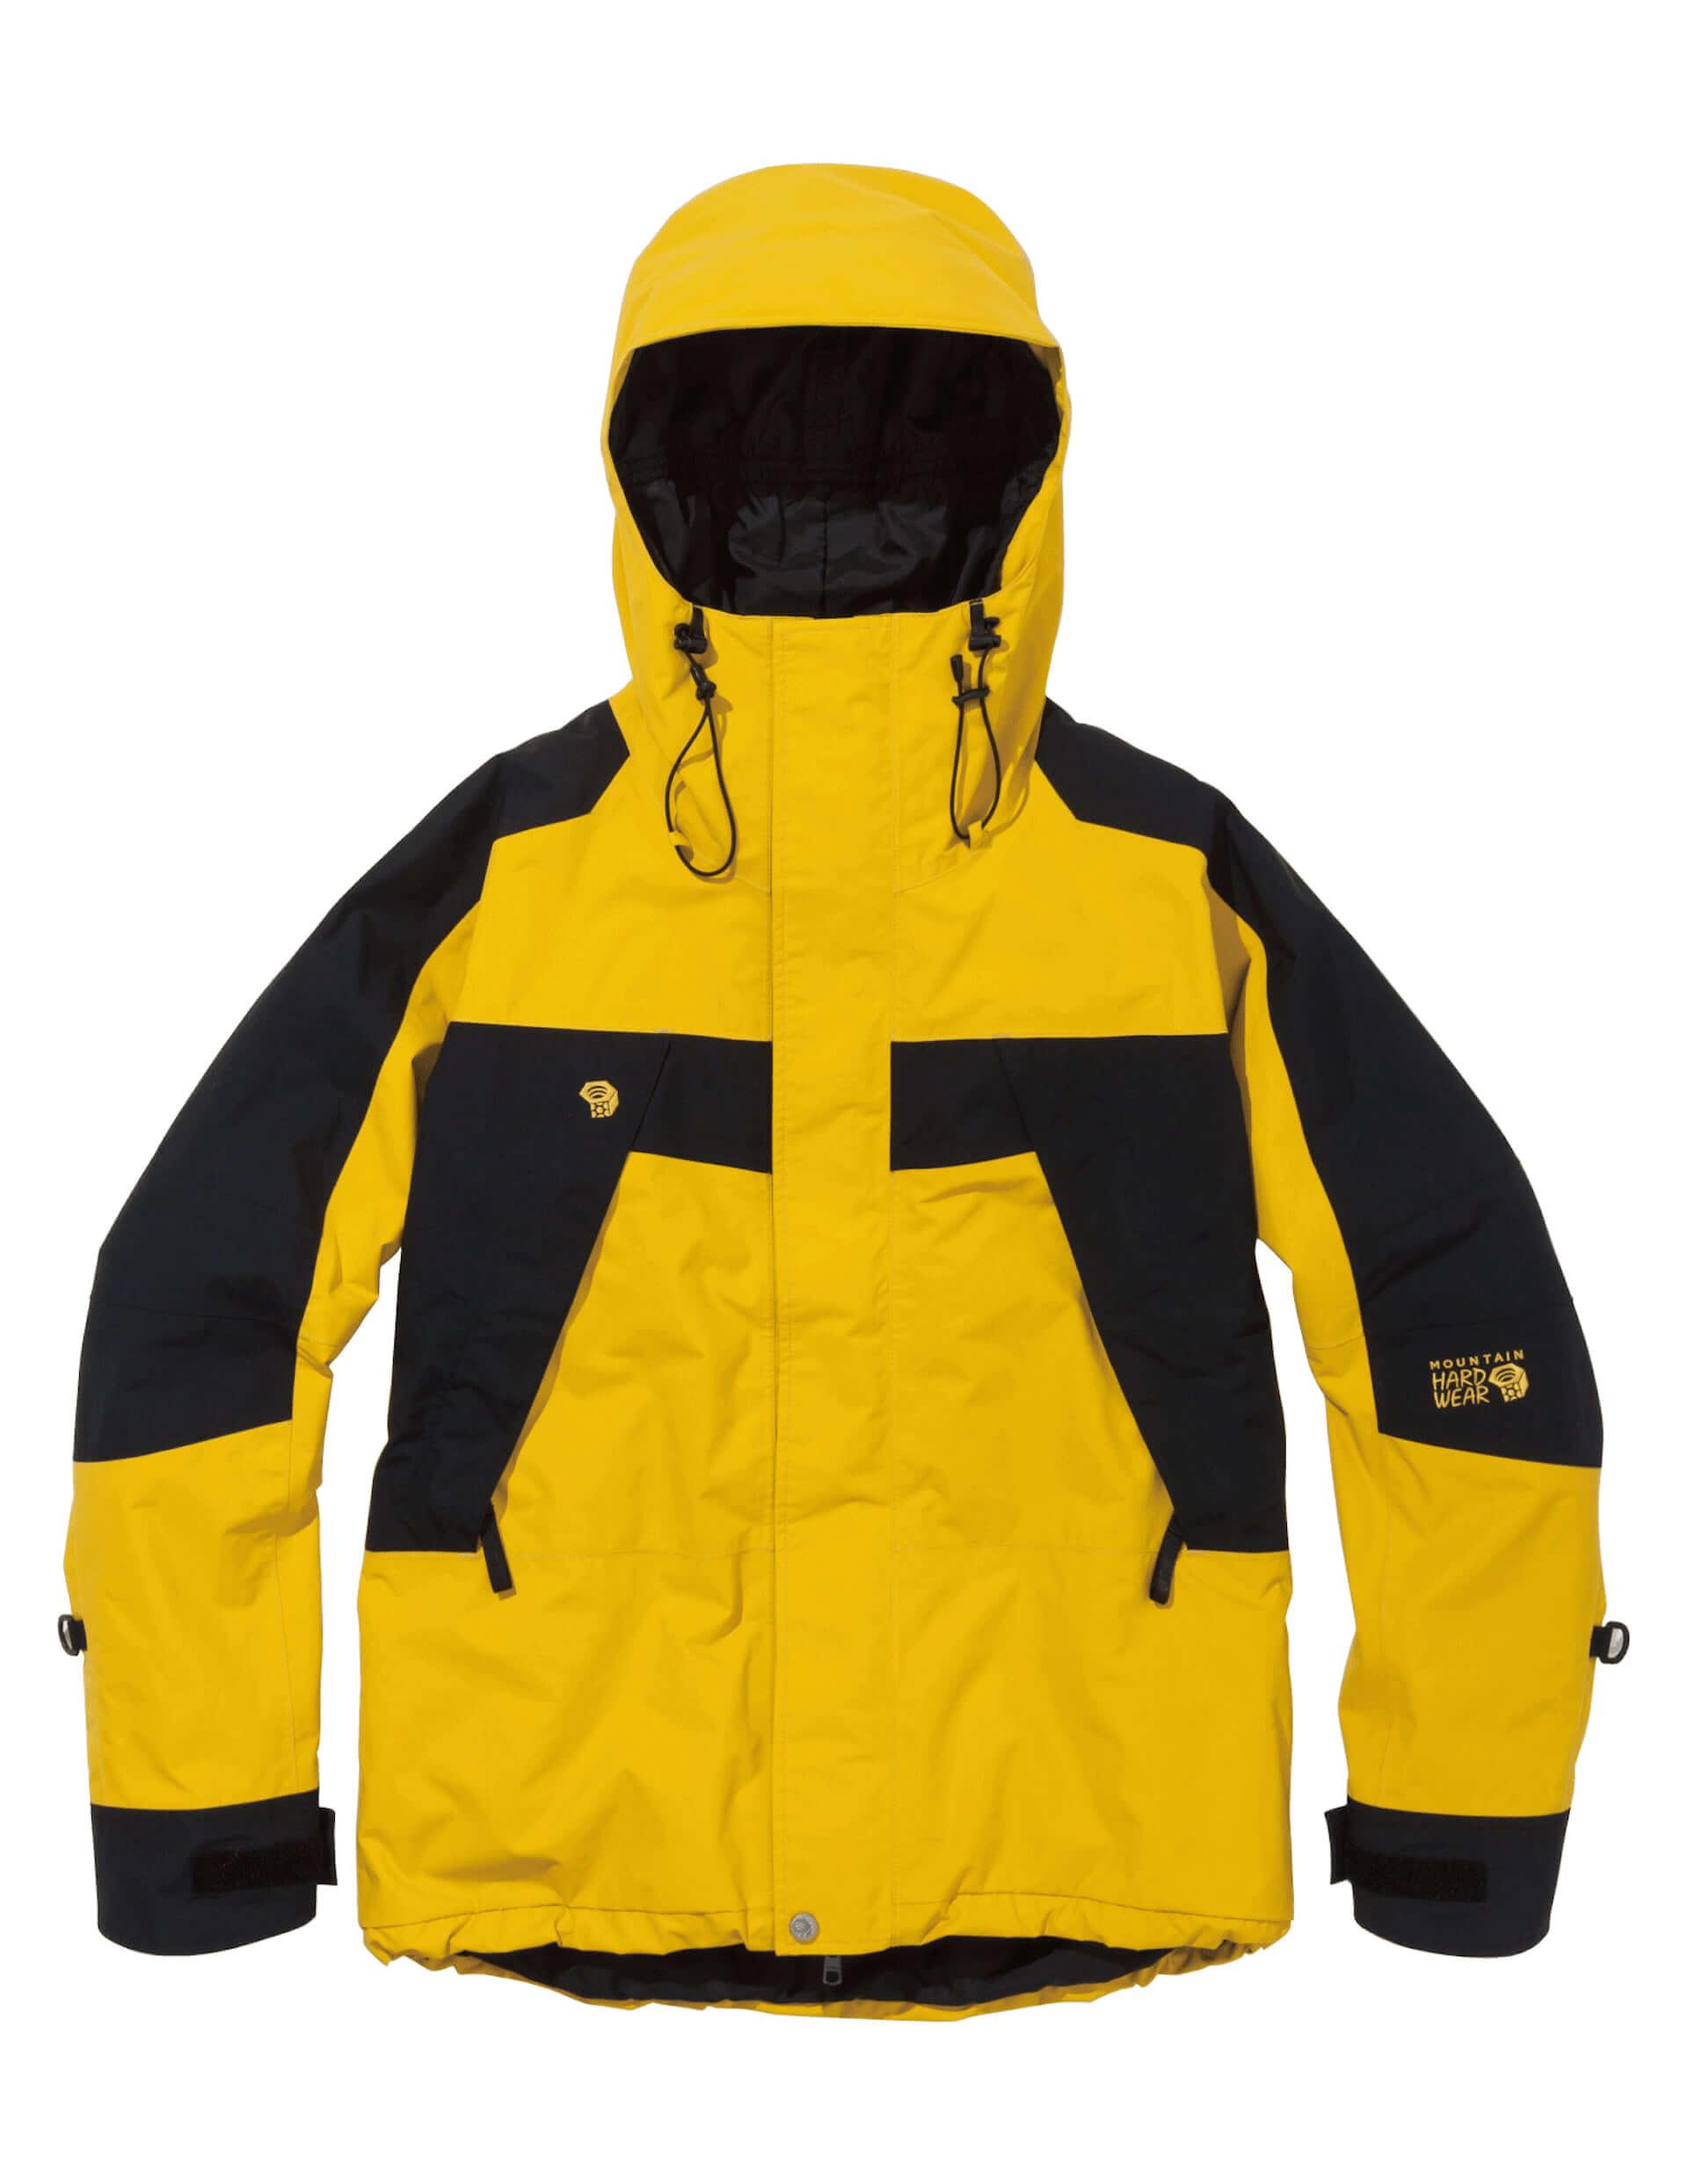 豪雨も防げる防水ジャケットが登場|90s'代表作を復刻した「Paradigm Jacket」9月上旬発売 lifefashion190626pradigmjacket_1-1920x2484